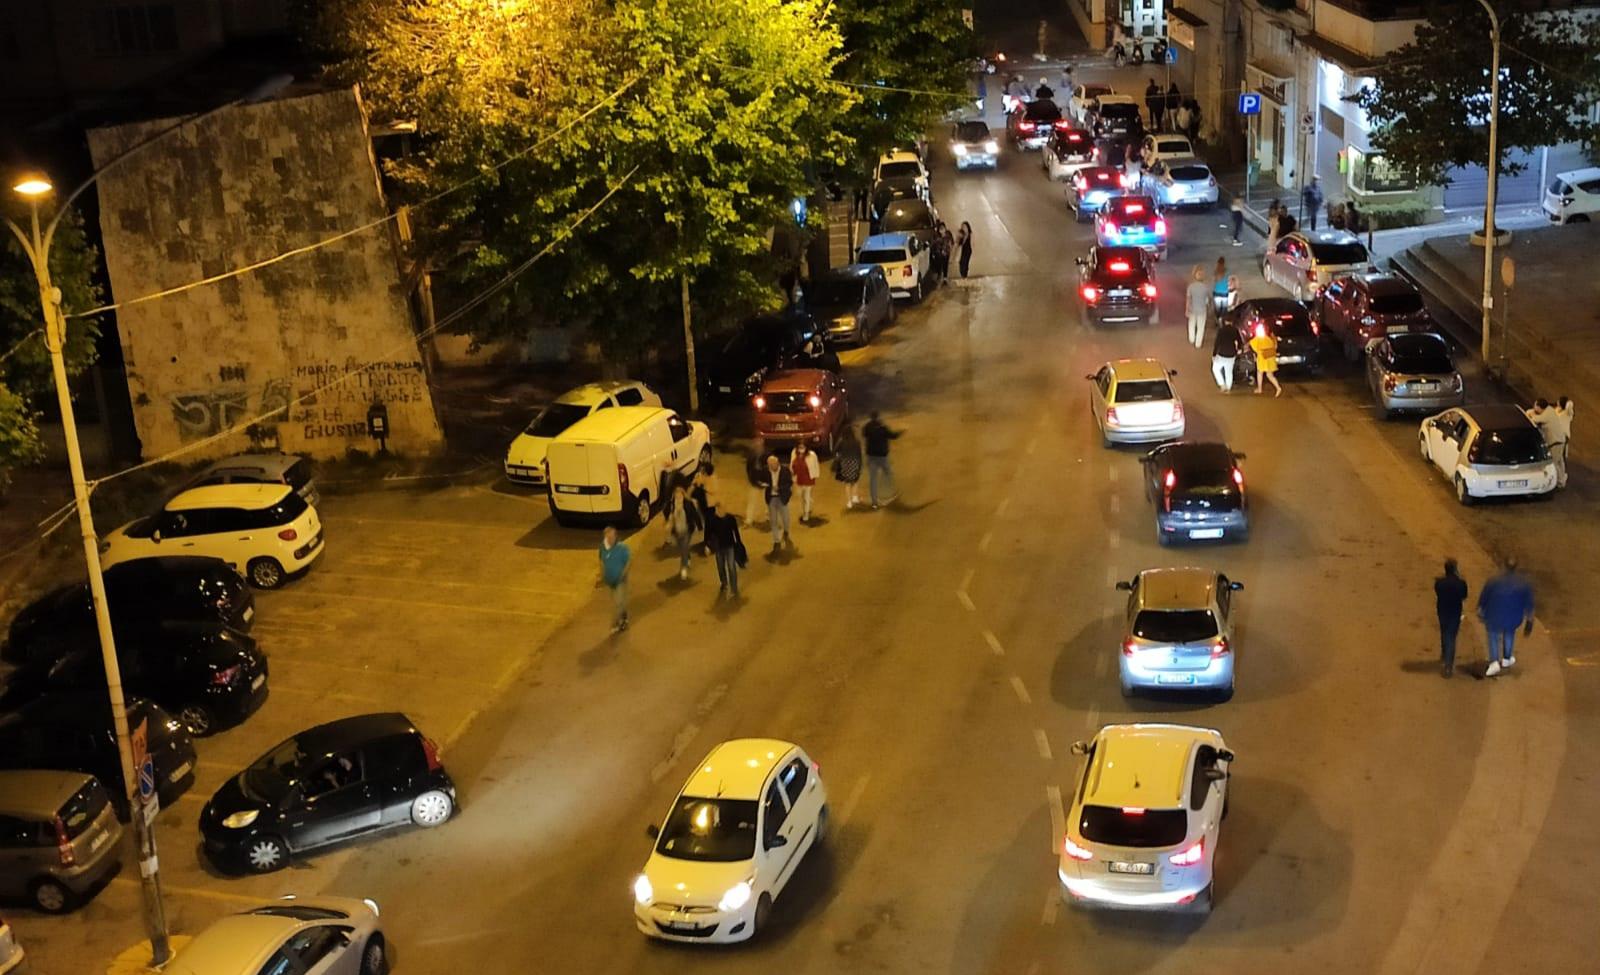 Castellammare – domenica all'insegna del caos